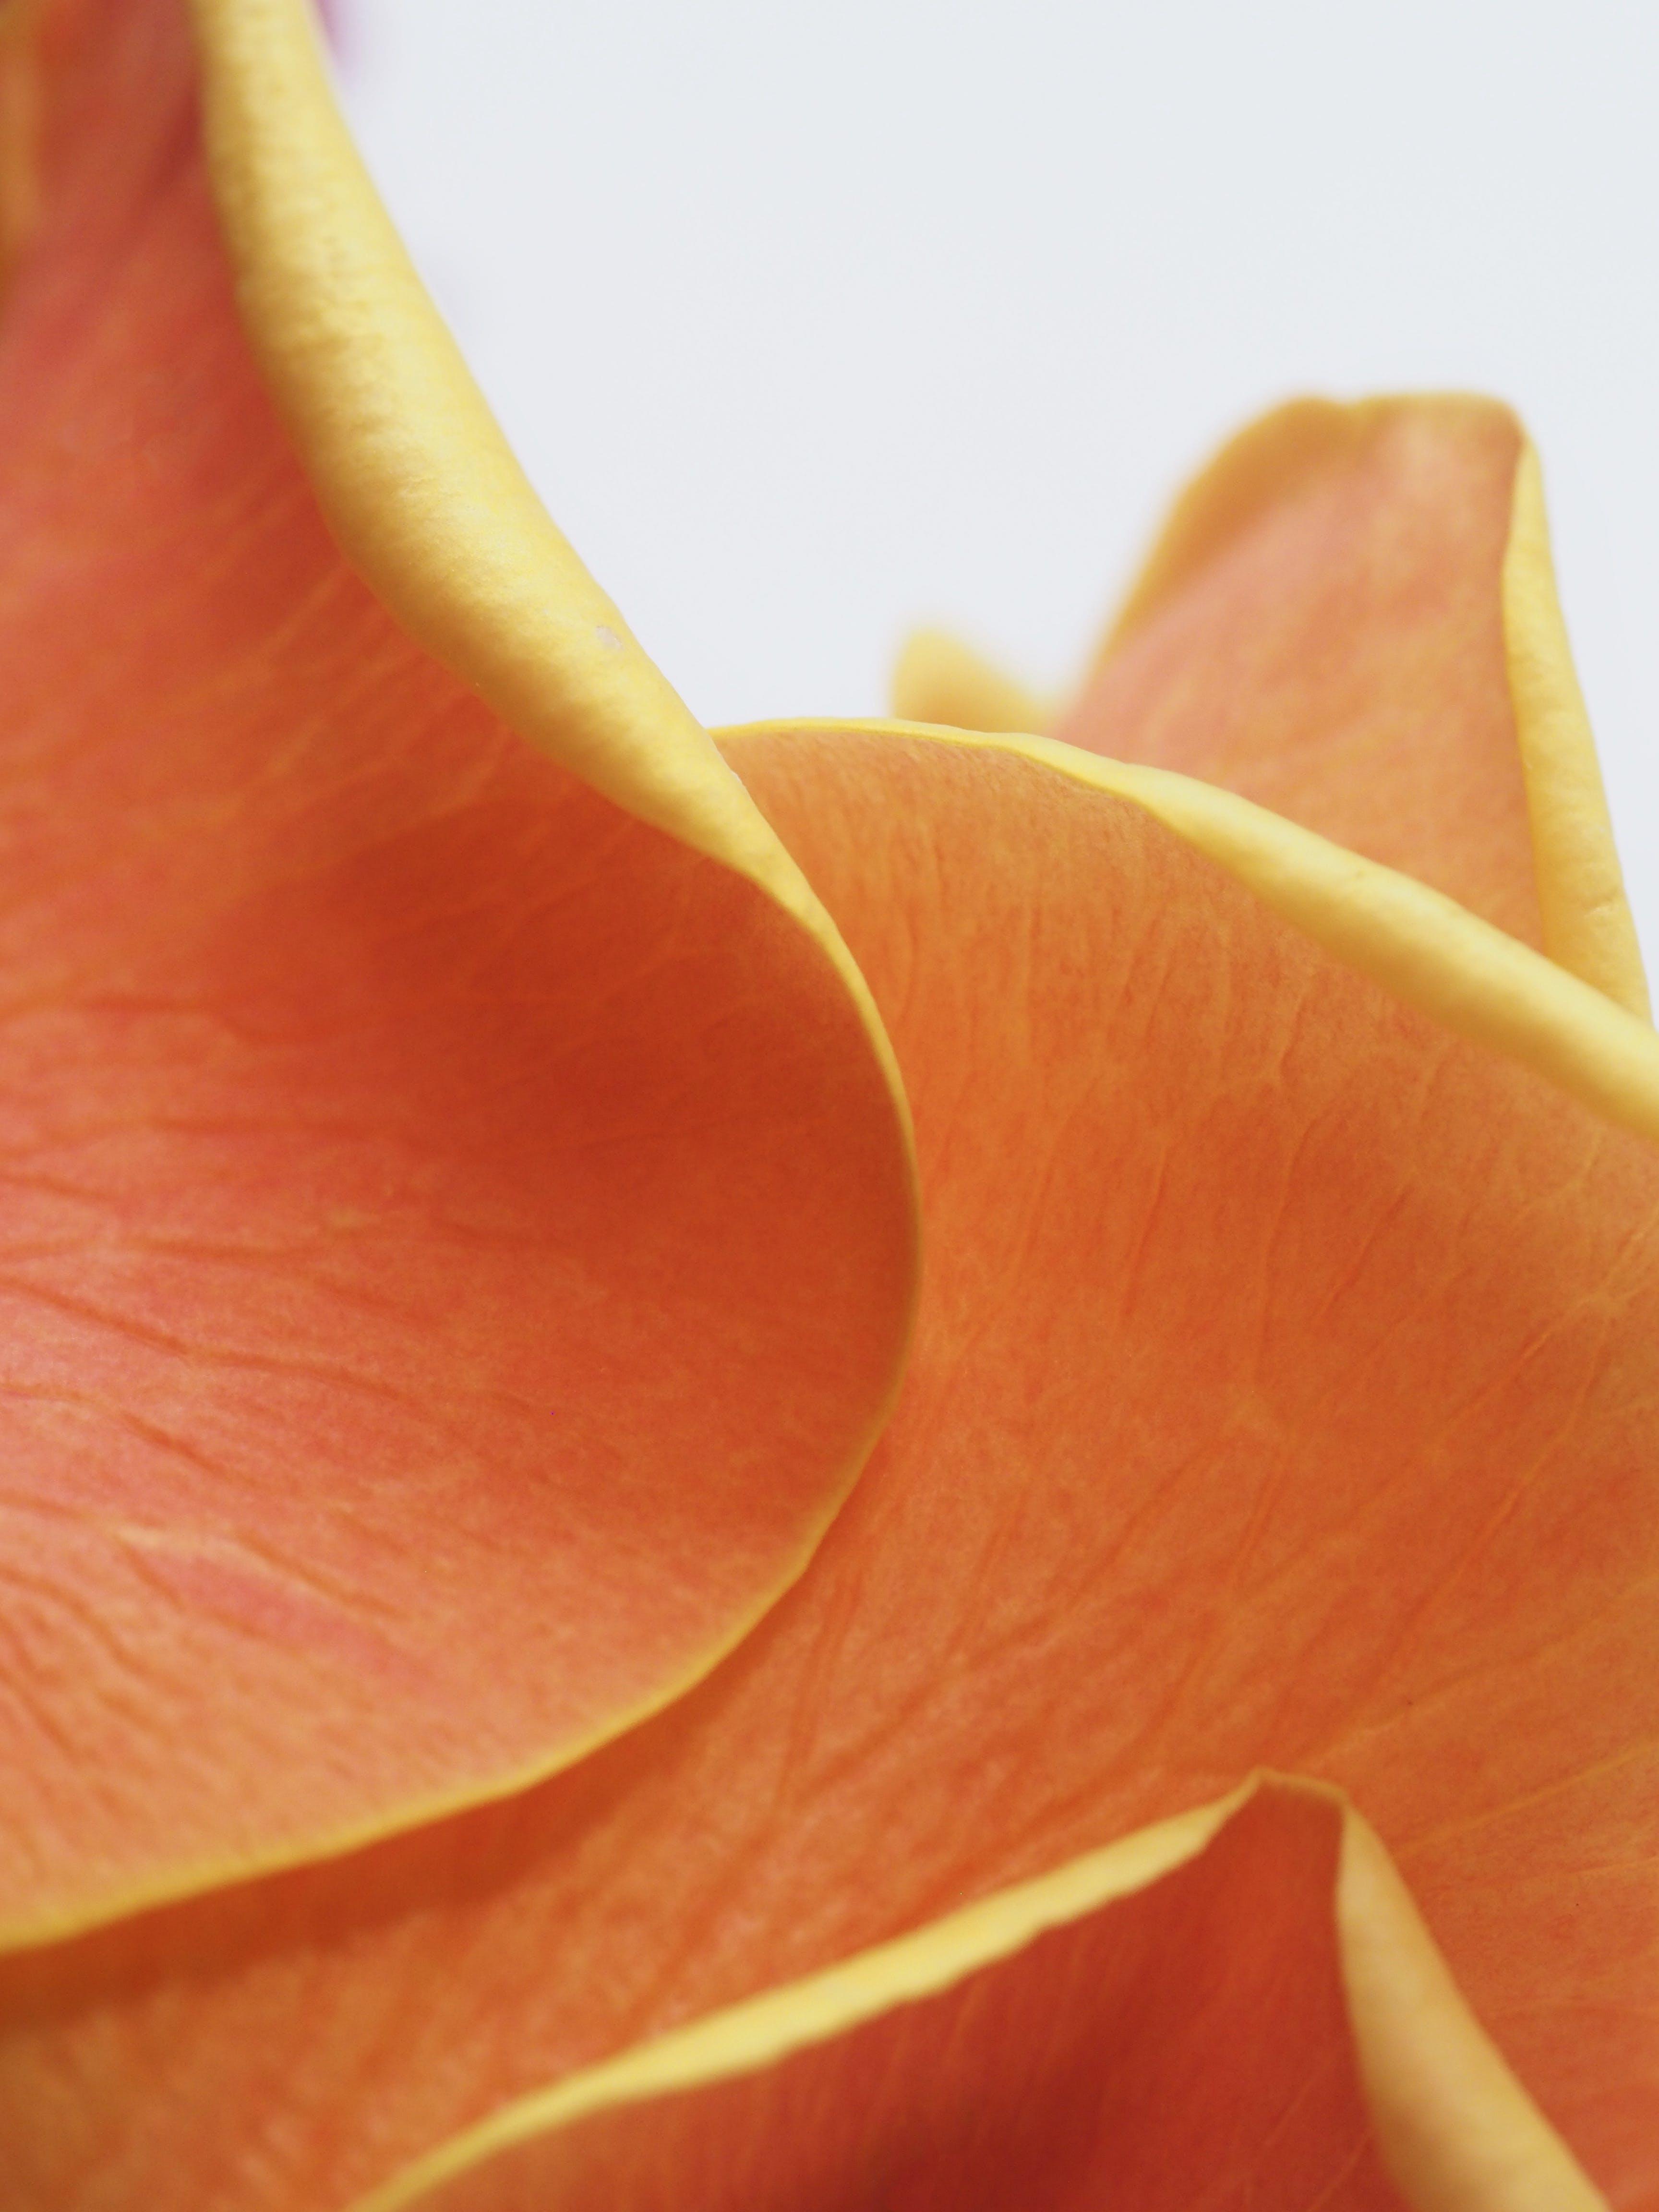 Ilmainen kuvapankkikuva tunnisteilla appelsiini, eloisa, erilainen, hauras